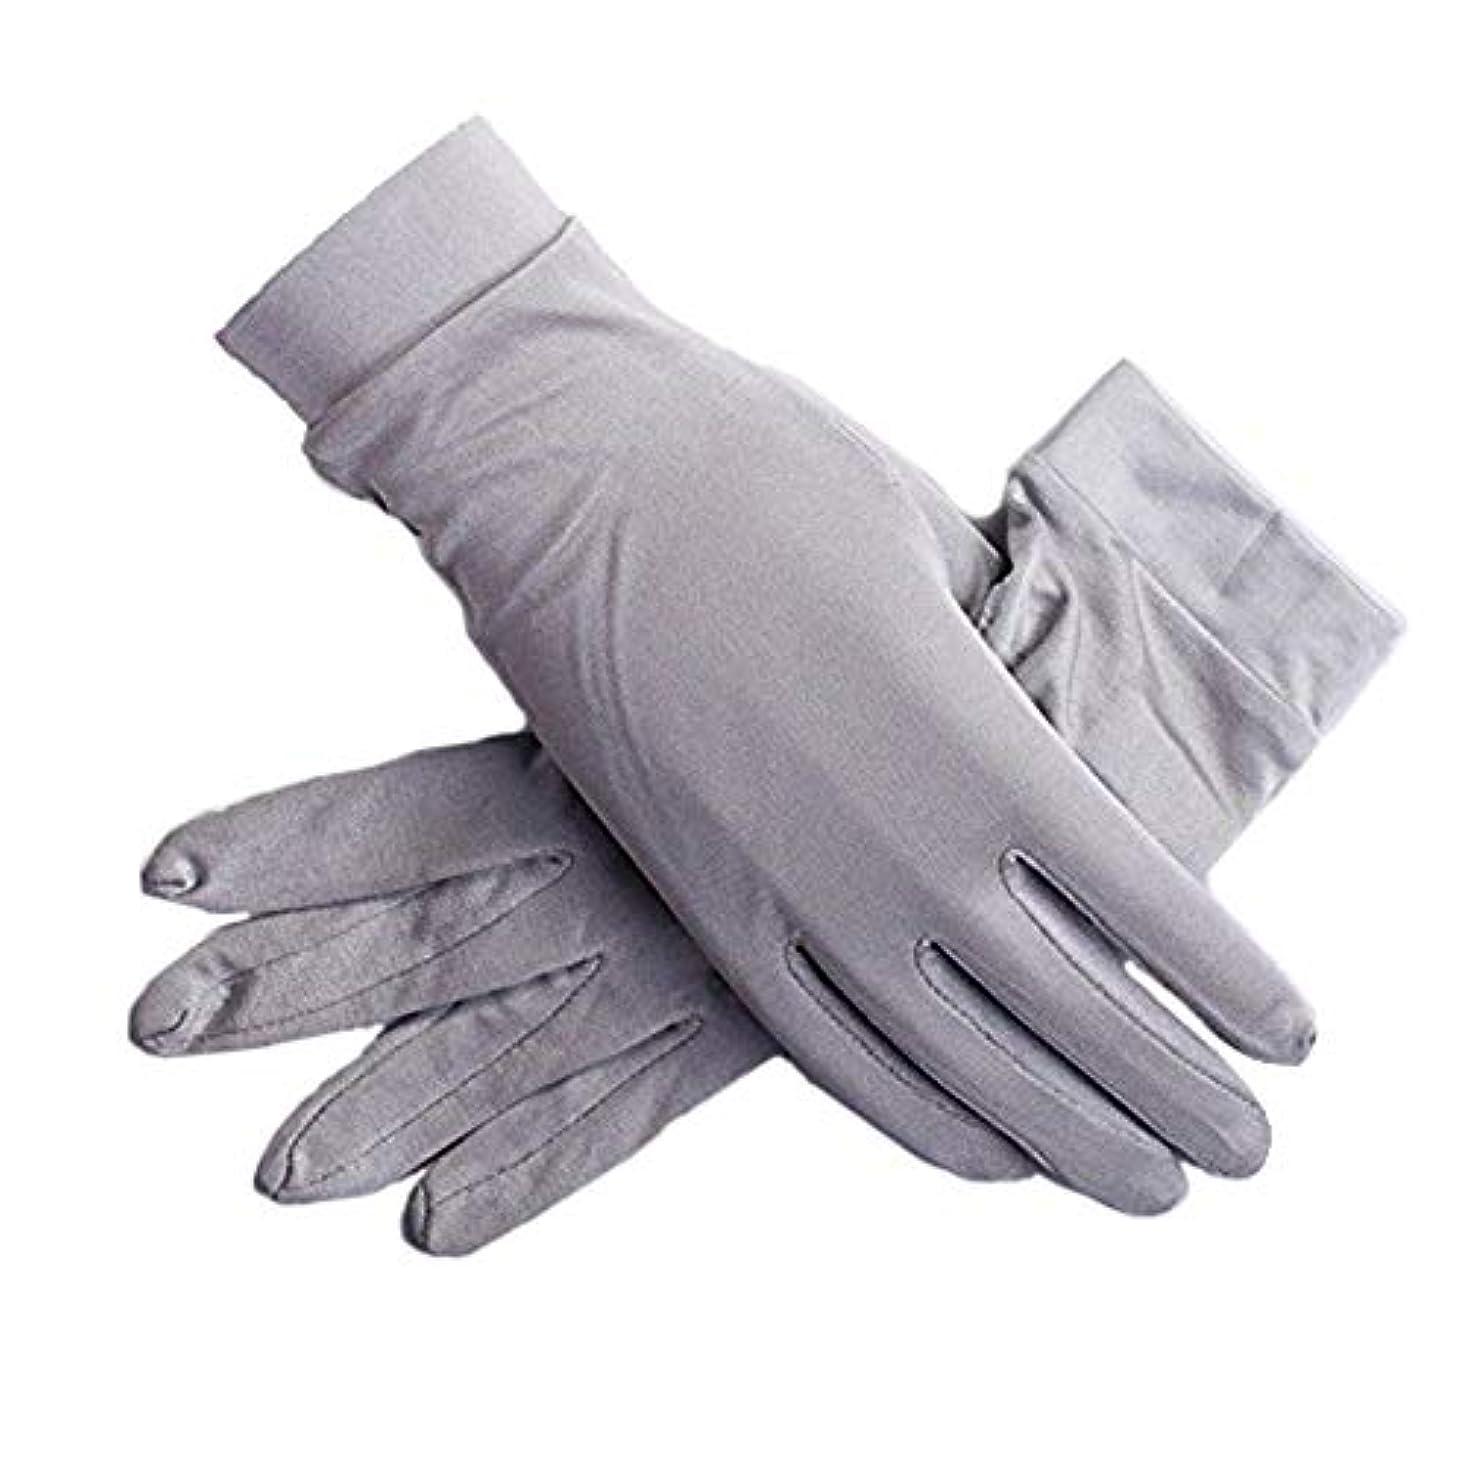 くつろぐファーム肺炎メンズ シルク手袋 手袋 シルク おやすみ 手触り夏 ハンド ケア レディース日焼け防止 が良い 紫外線 保湿